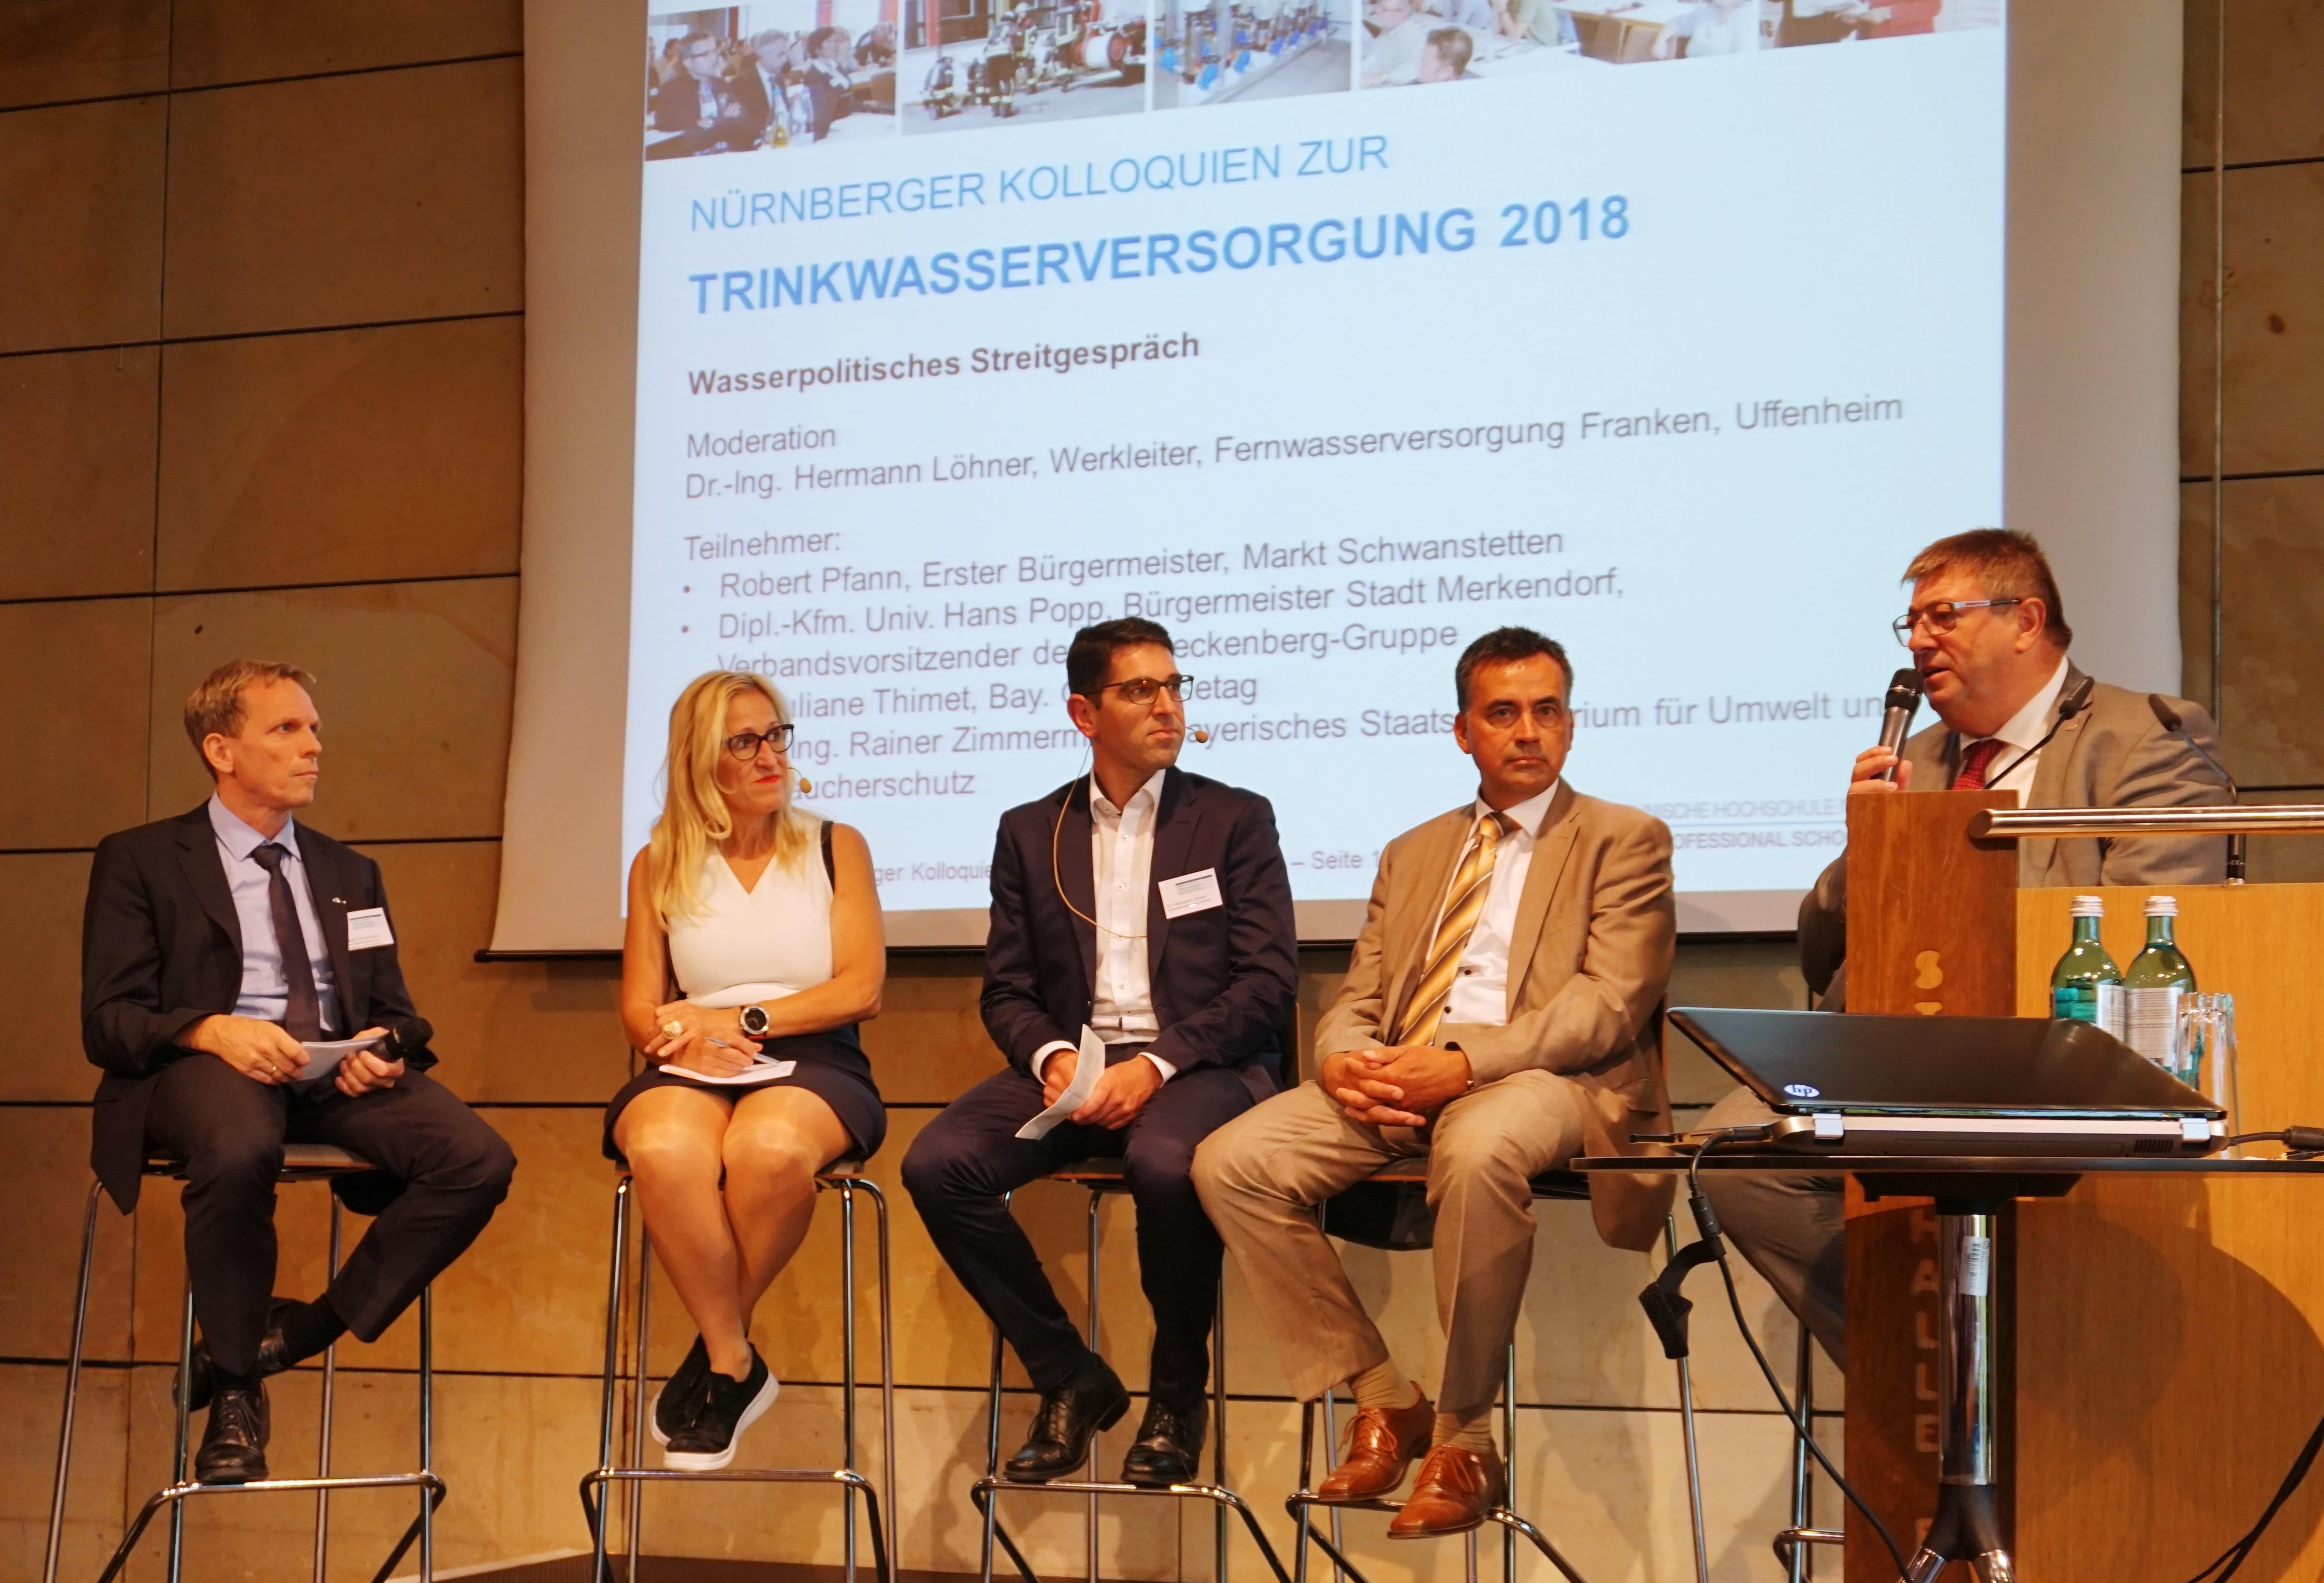 Wasserpolitisches Streitgespräch Trinkwasser2018 - Nürnberger Kolloquien zur Kanalsanierung